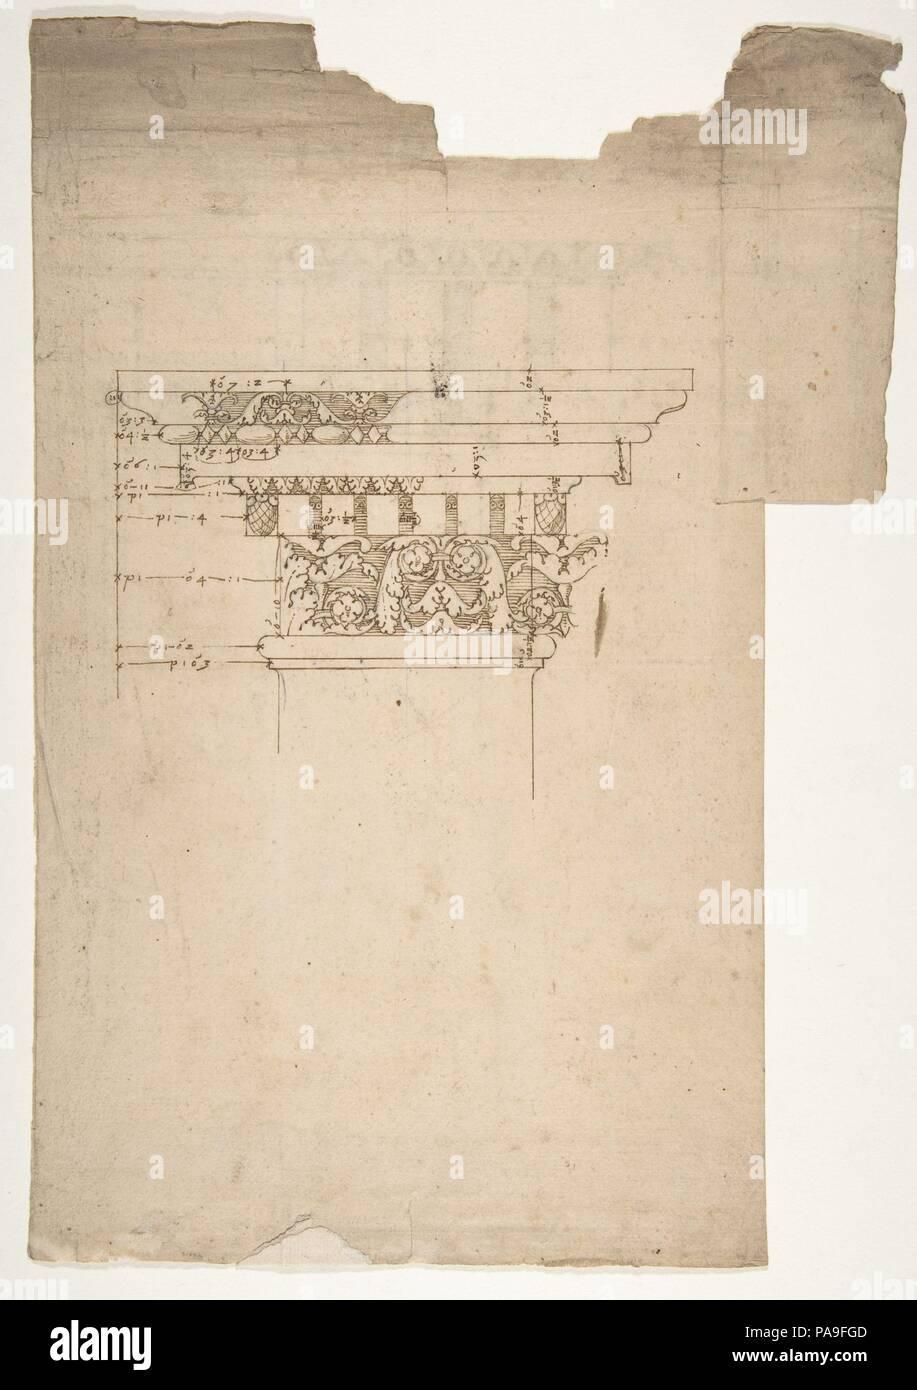 Ziemlich Bilderrahmen 11 X 16 Galerie - Benutzerdefinierte ...